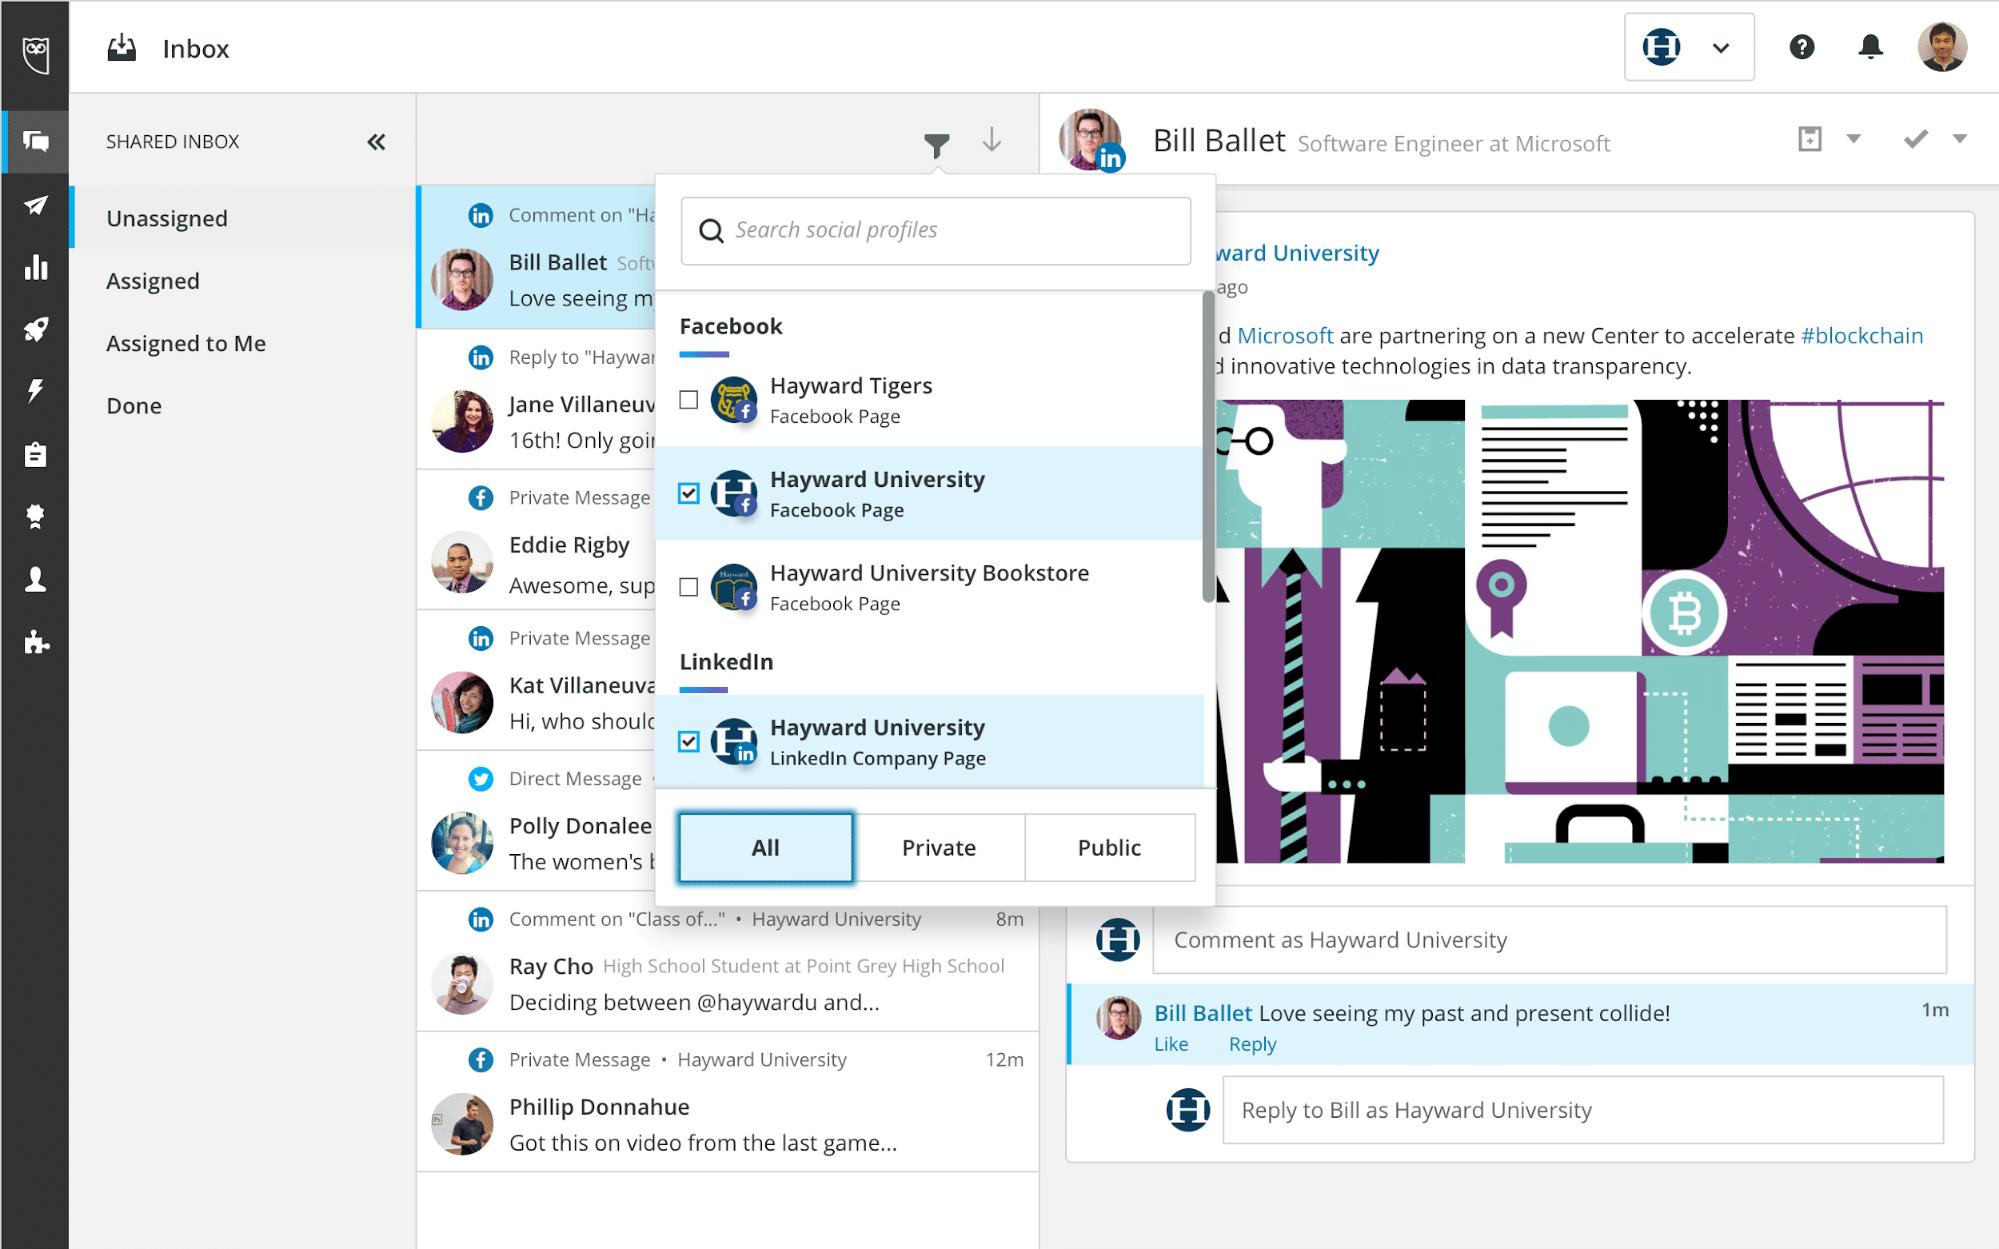 Запросы в службу поддержки клиентов Hootsuite Inbox